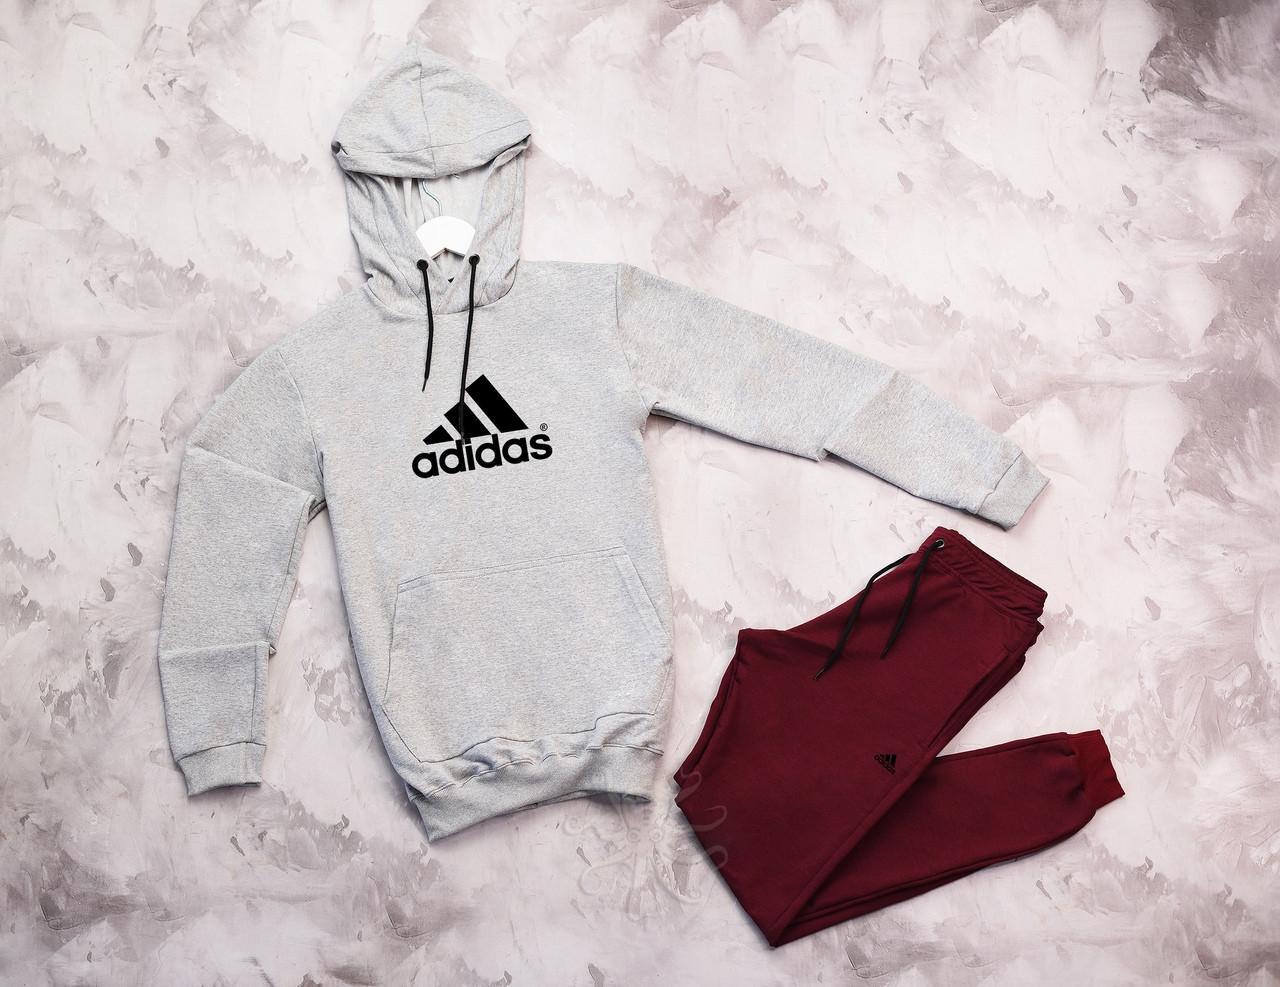 Adidas  мужской серый спортивный костюм с капюшоном весна осень.Adidas Худи серое +штаны бордовые комплект